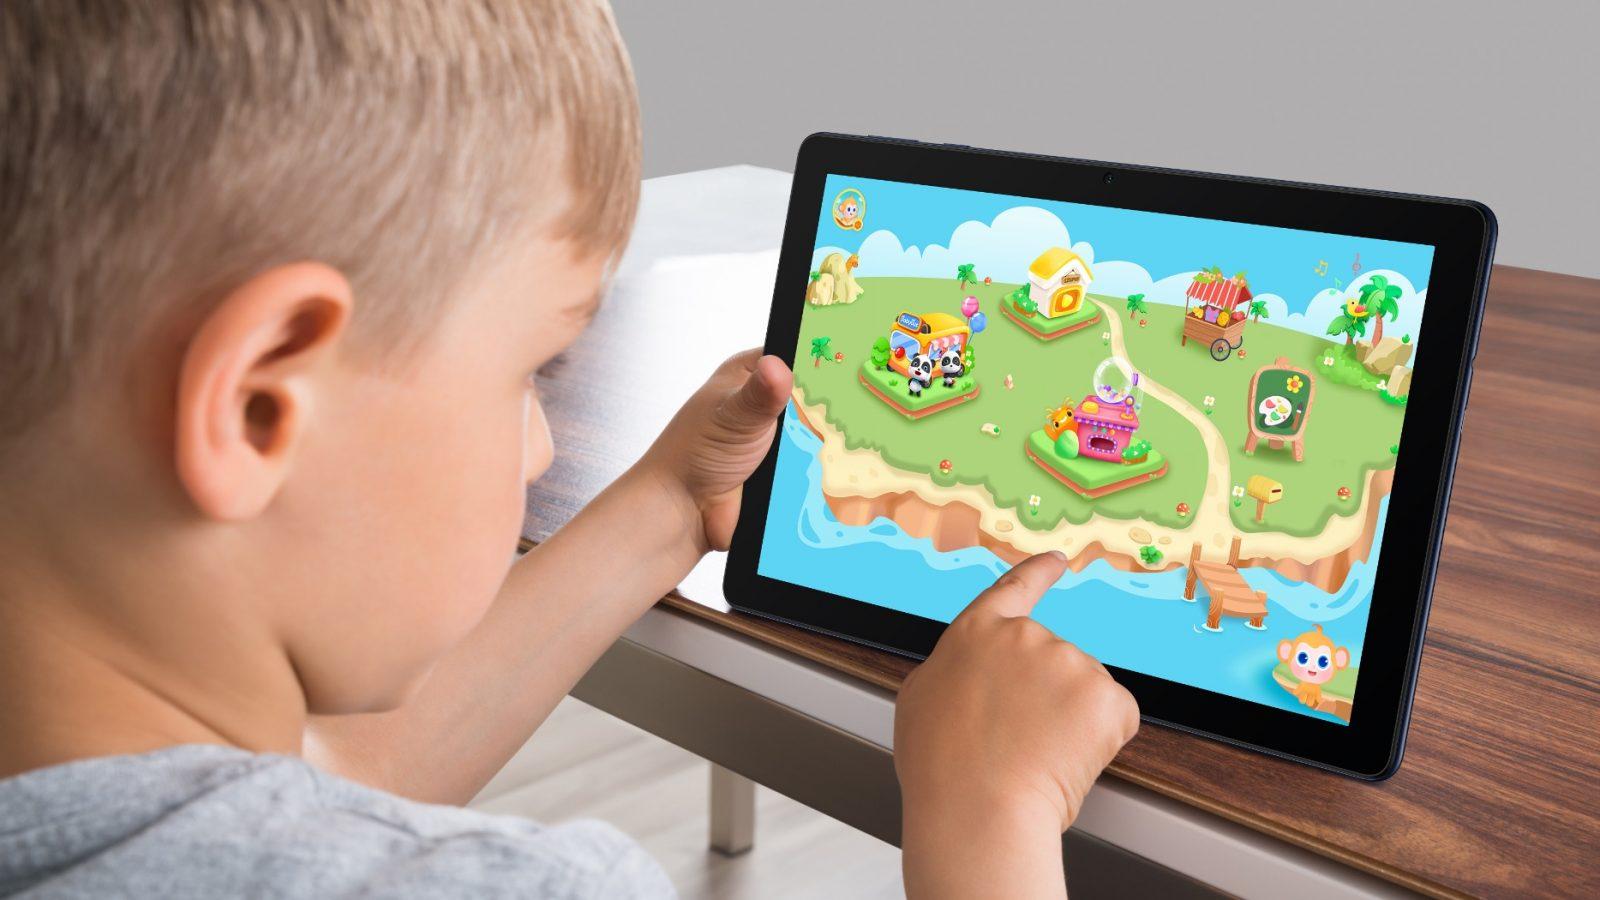 اللوحة الرقمية  الجديدة المخصصة للأطفال من هواوي